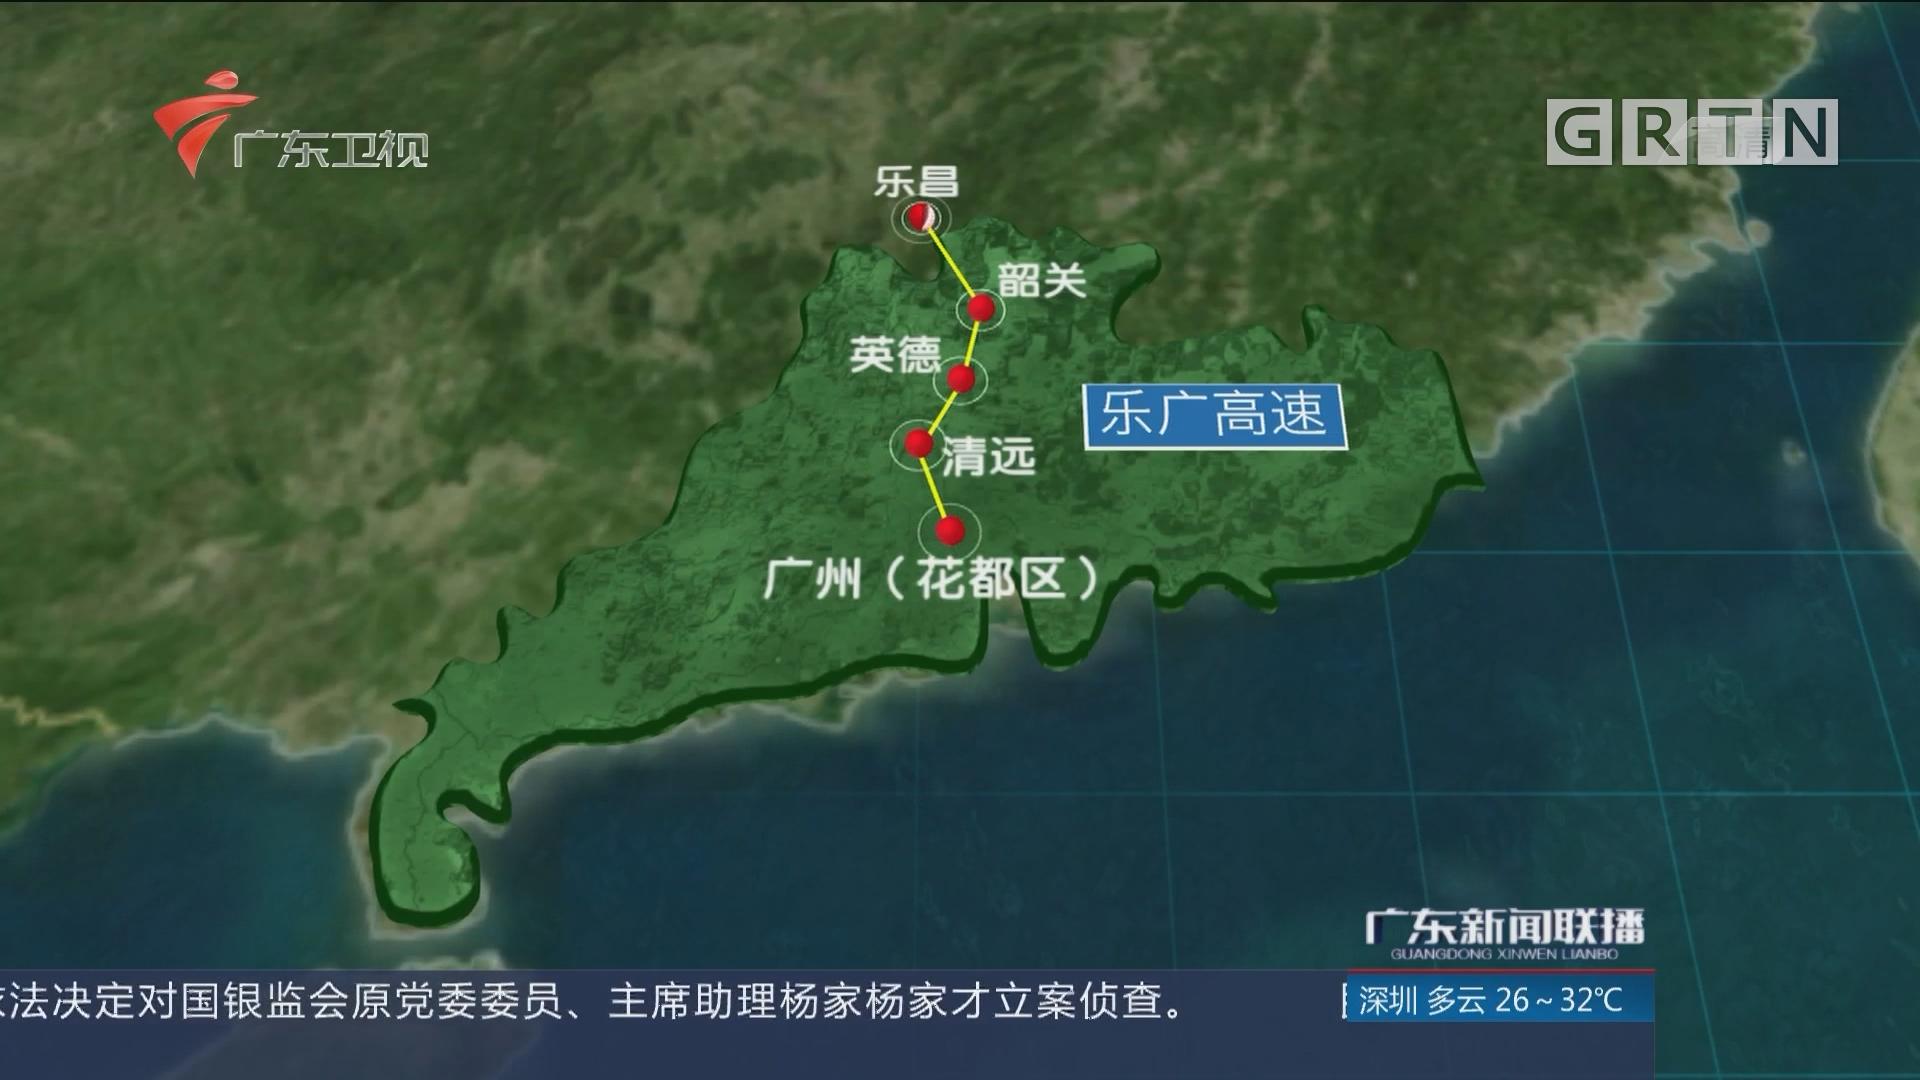 乐广高速:托起粤北经济腾飞之路